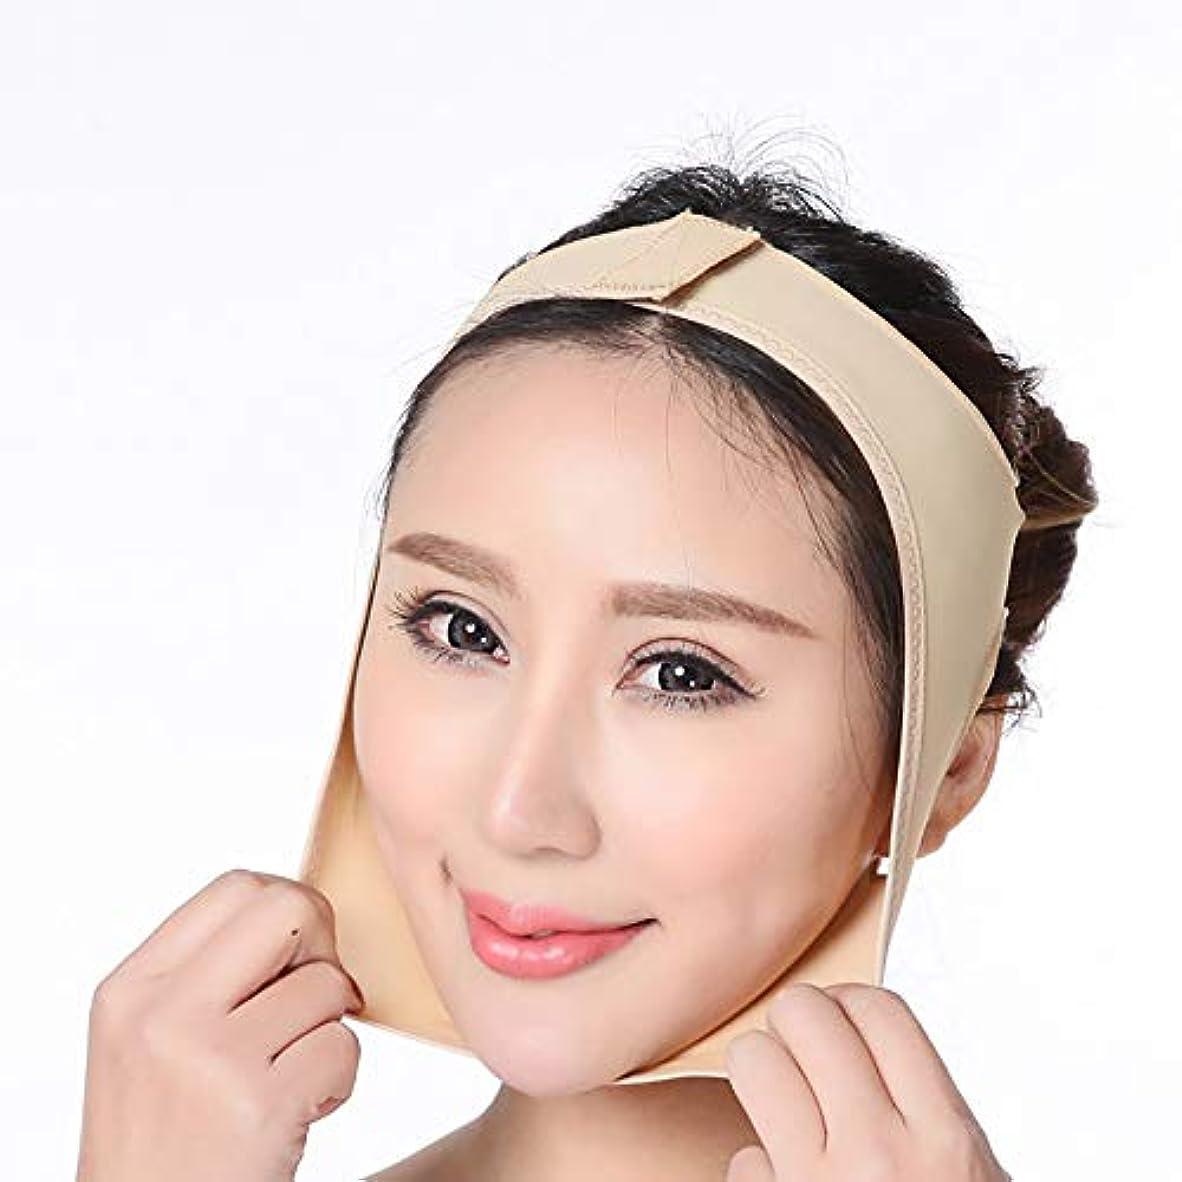 まとめるウェブ好意あごを引き締める顔のリフティングフェイスバンデージ、簡単に作成できるVフェイス、調整可能なフェイスリフティングマスク、S/M/L/XL